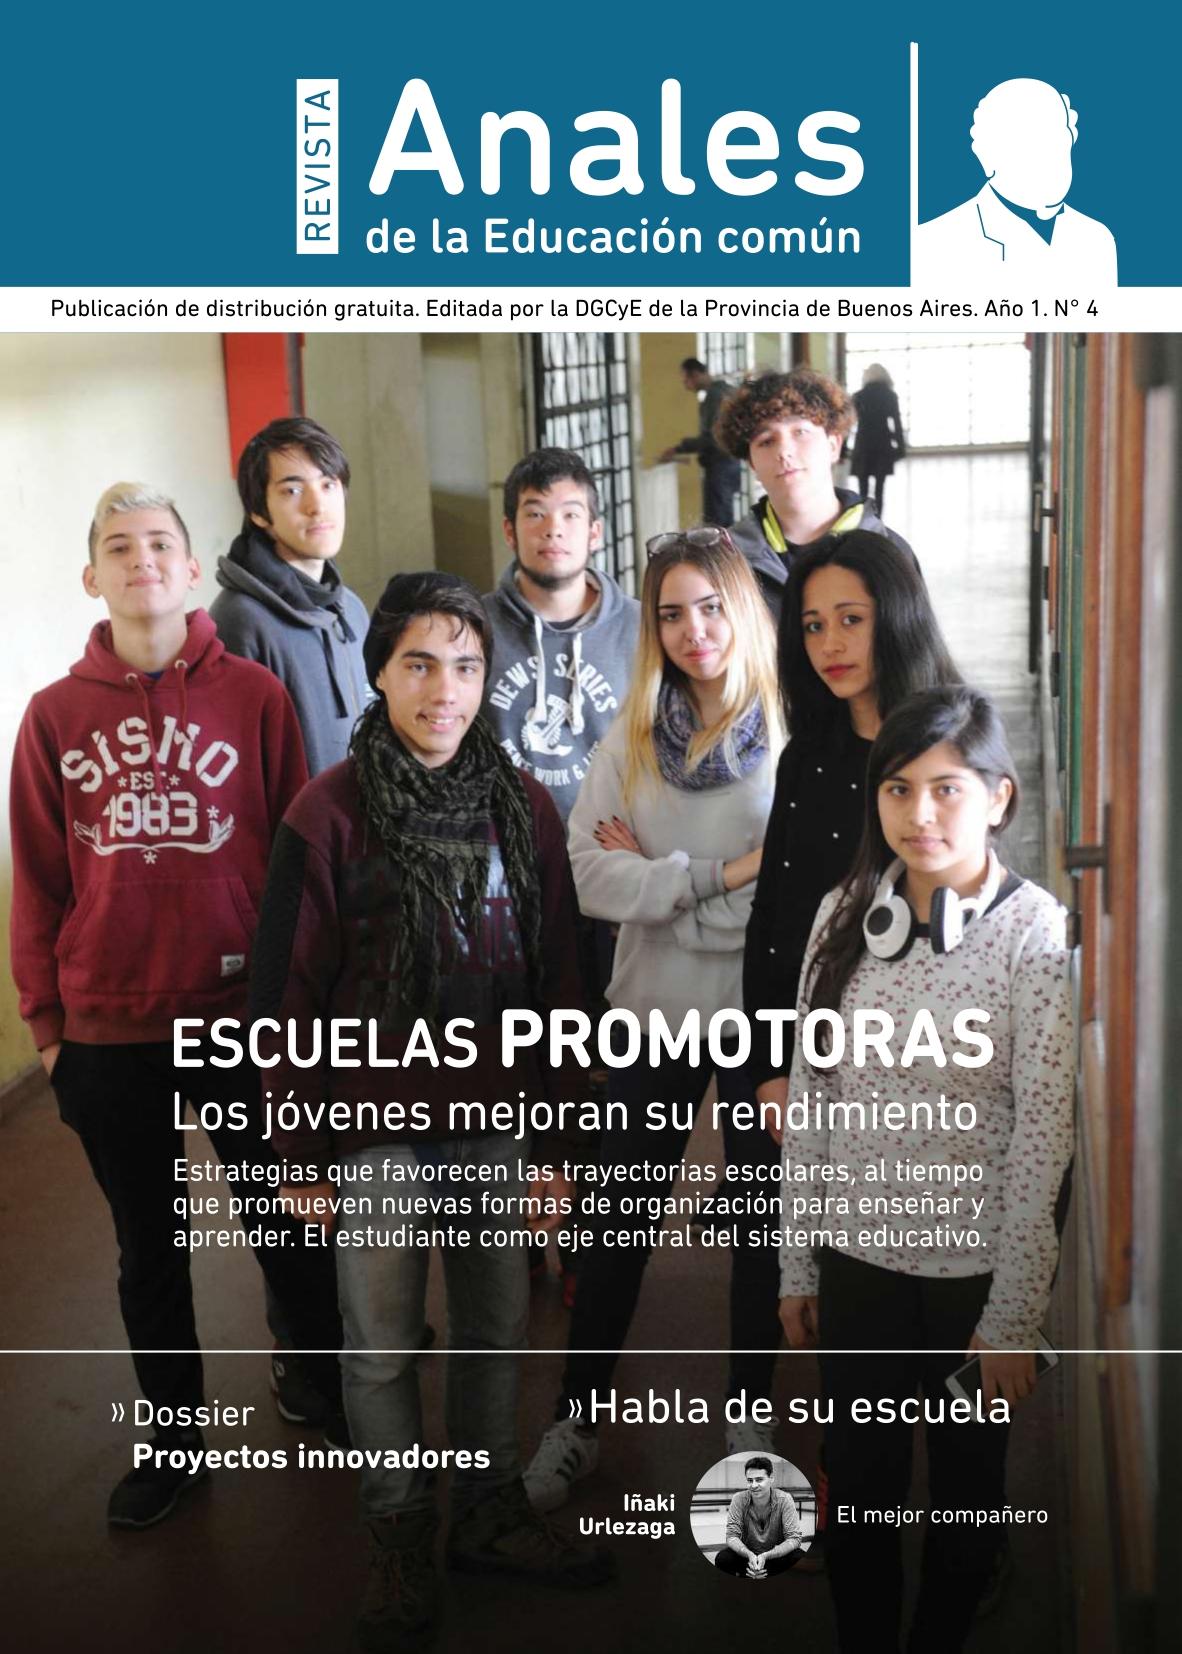 Escuela promotoras. Los jóvenes mejoran su rendimiento. Portada de la revista Anales de la Educación común